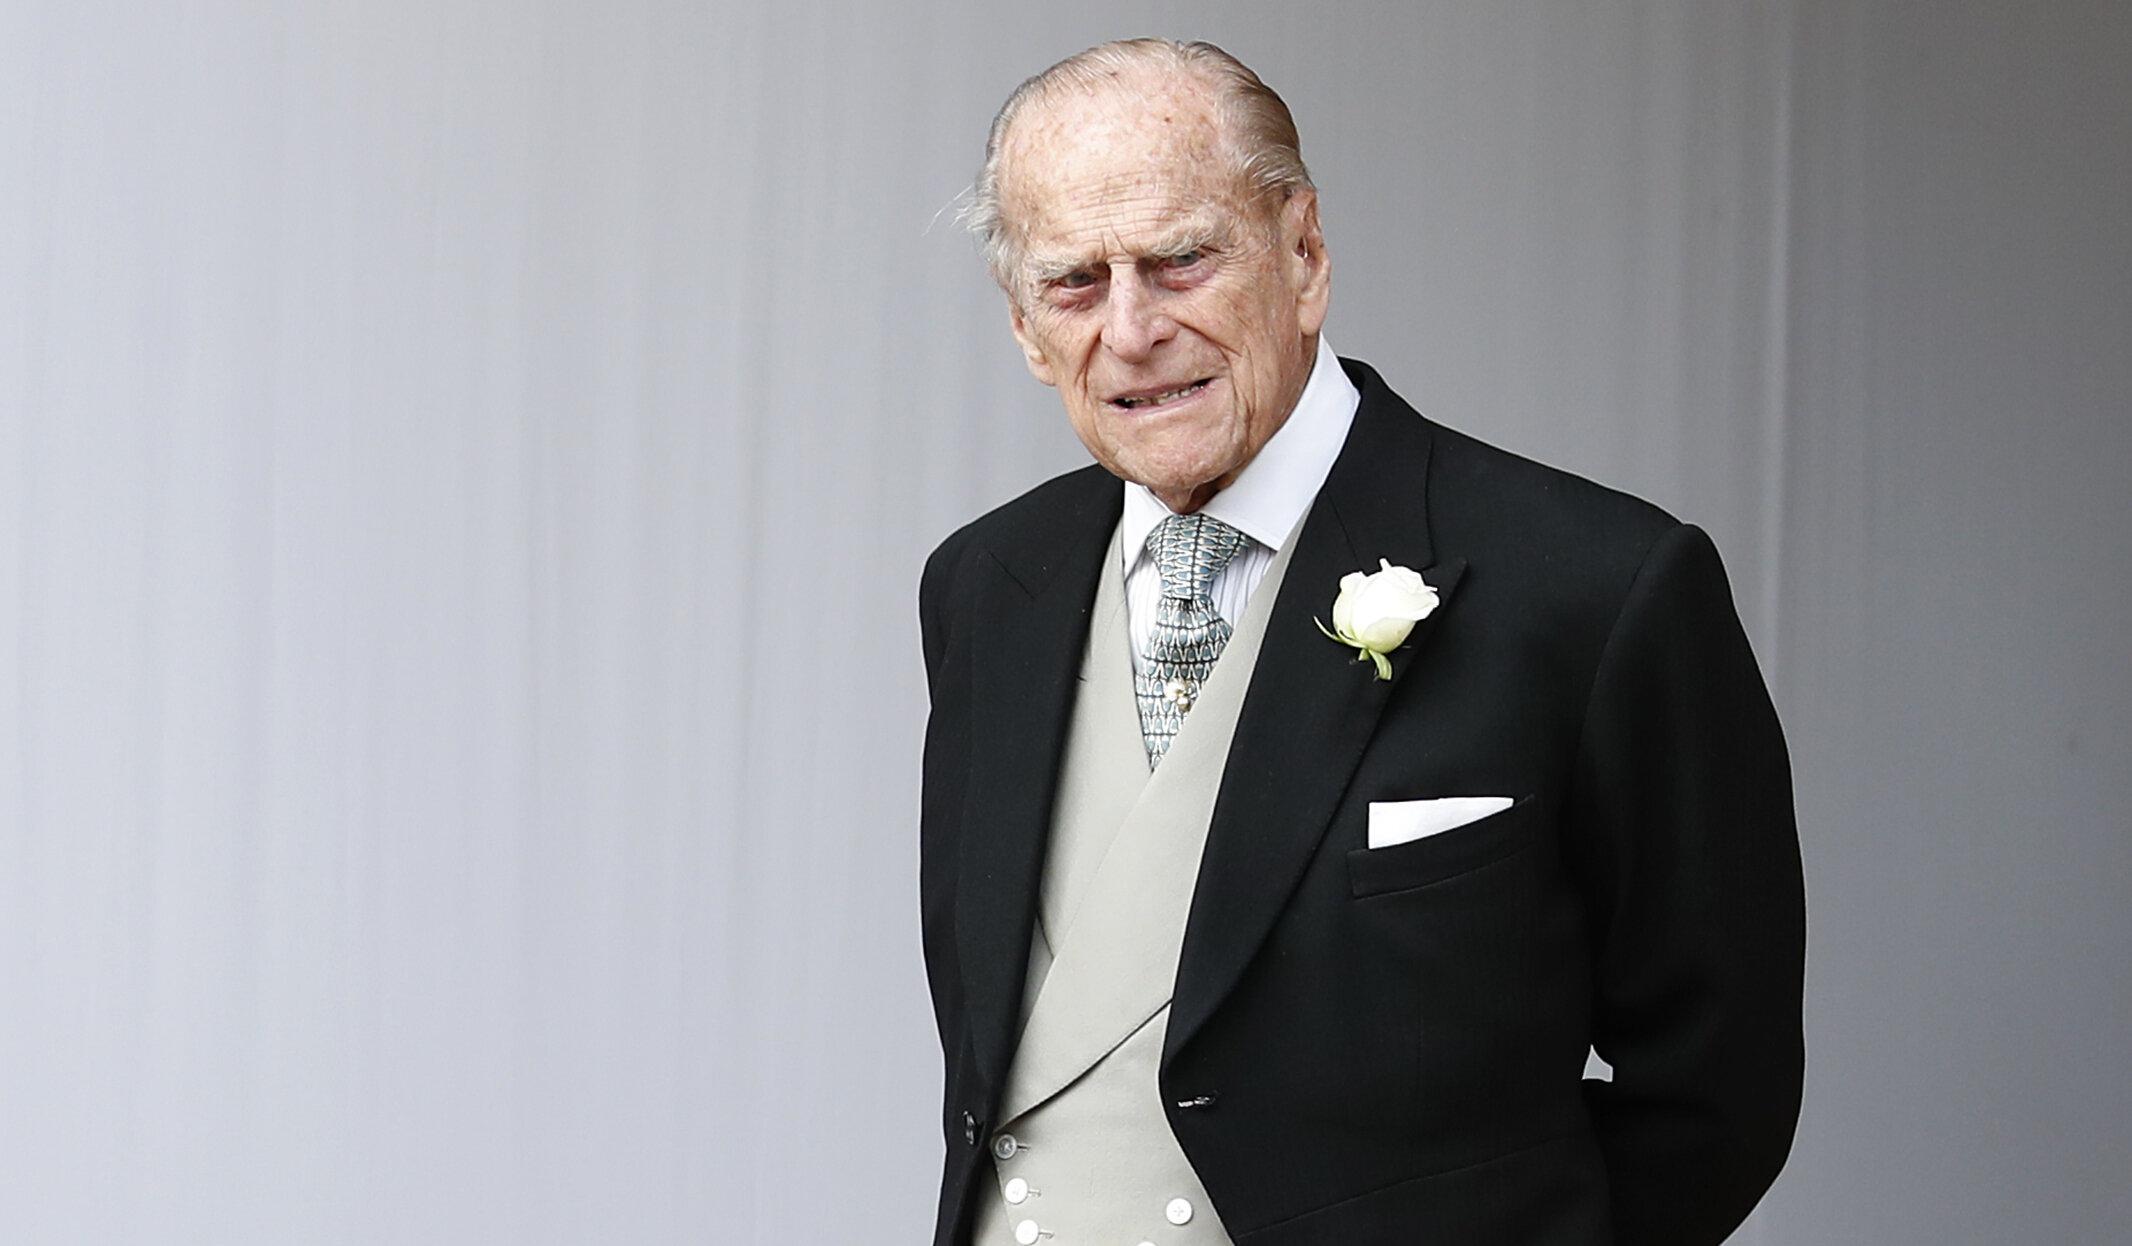 Moartea prințului Philip| Postul BBC, acuzat că tratează evenimentul în mod exagerat: emisiuni anulate, ediții speciale, prezentatori îmbrăcați în negru